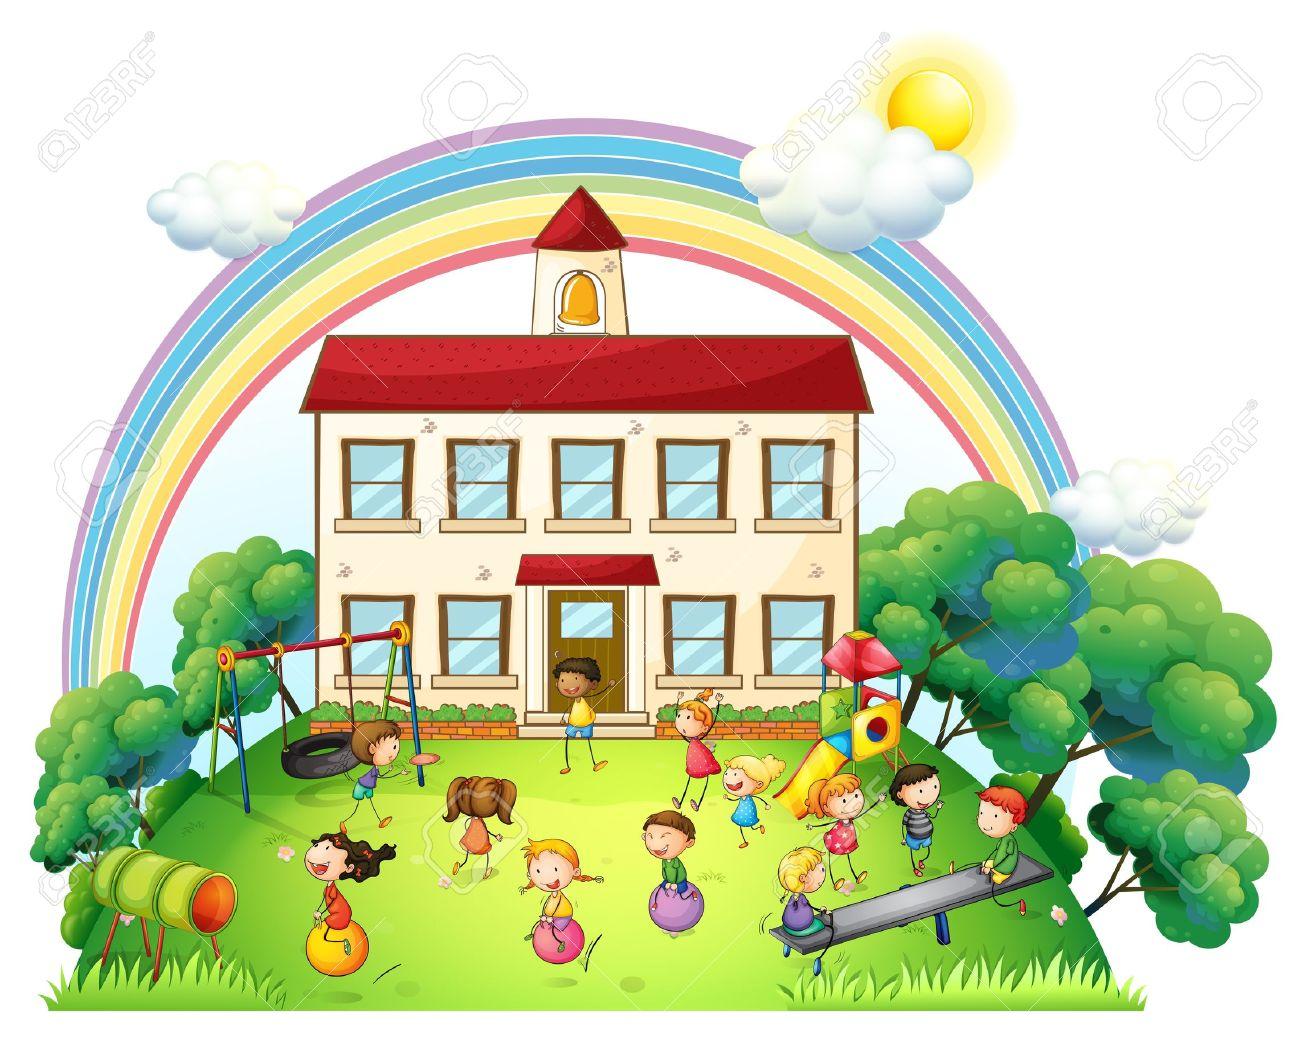 Ilustración De Los Niños Jugando Delante De La Escuela Sobre Un Fondo Blanco Ilustraciones Vectoriales Clip Art Vectorizado Libre De Derechos Image 20729560